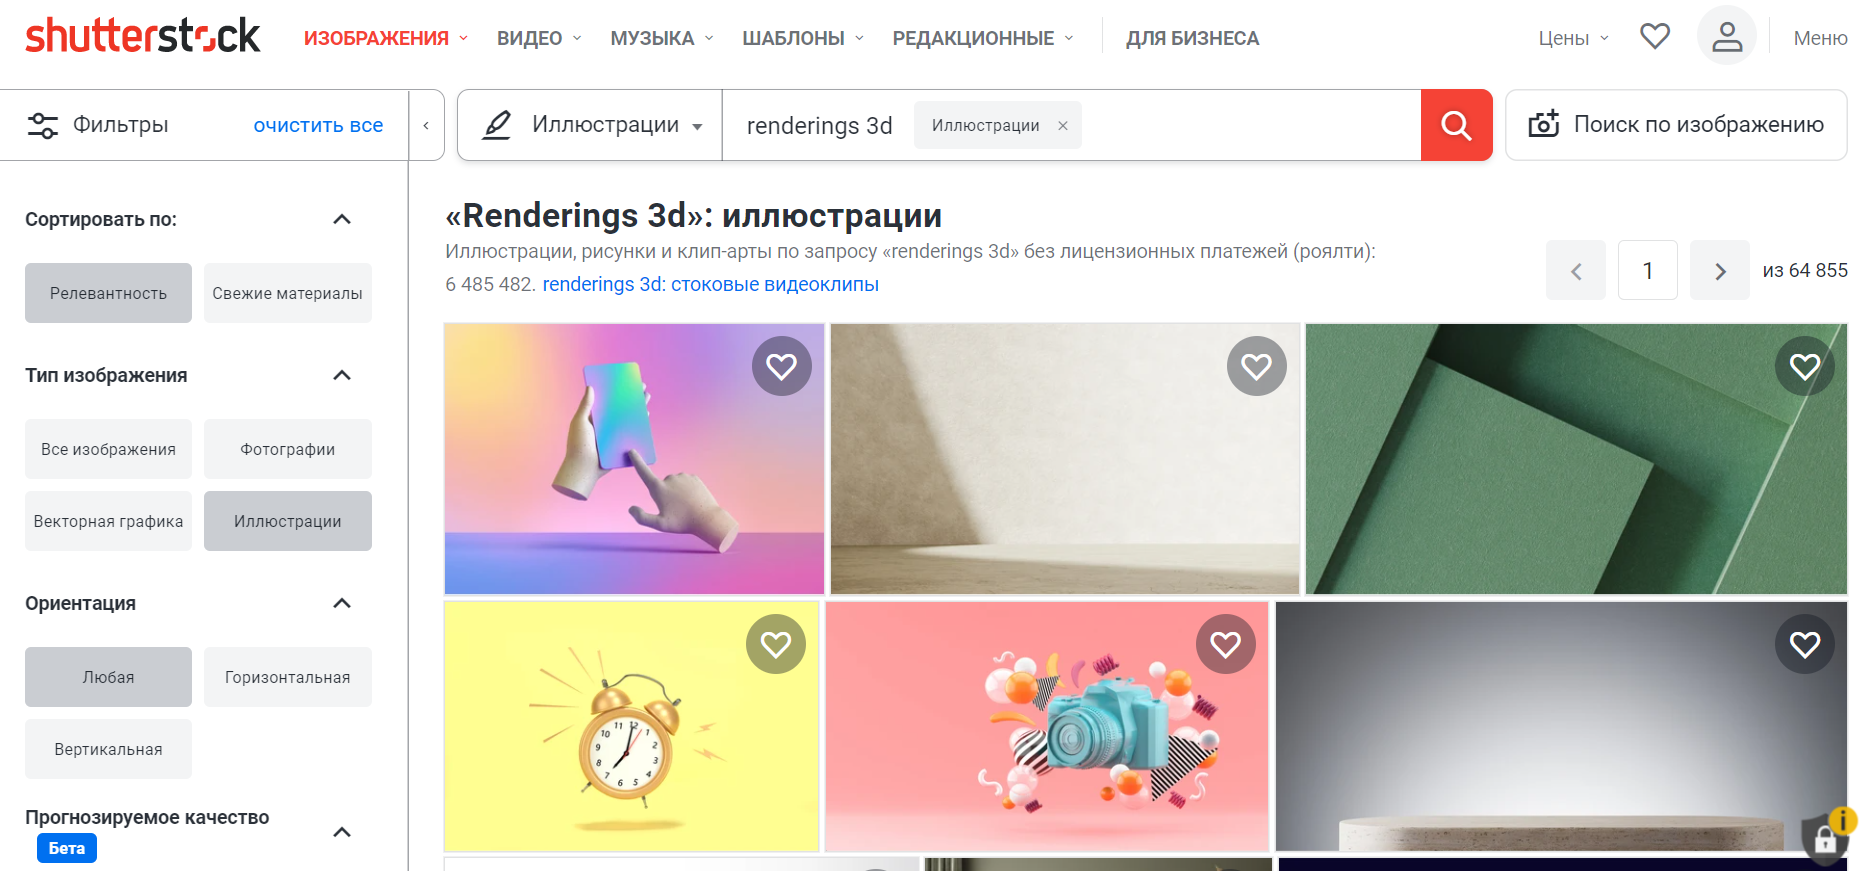 Продажа 3D визуализаций на фотобанке